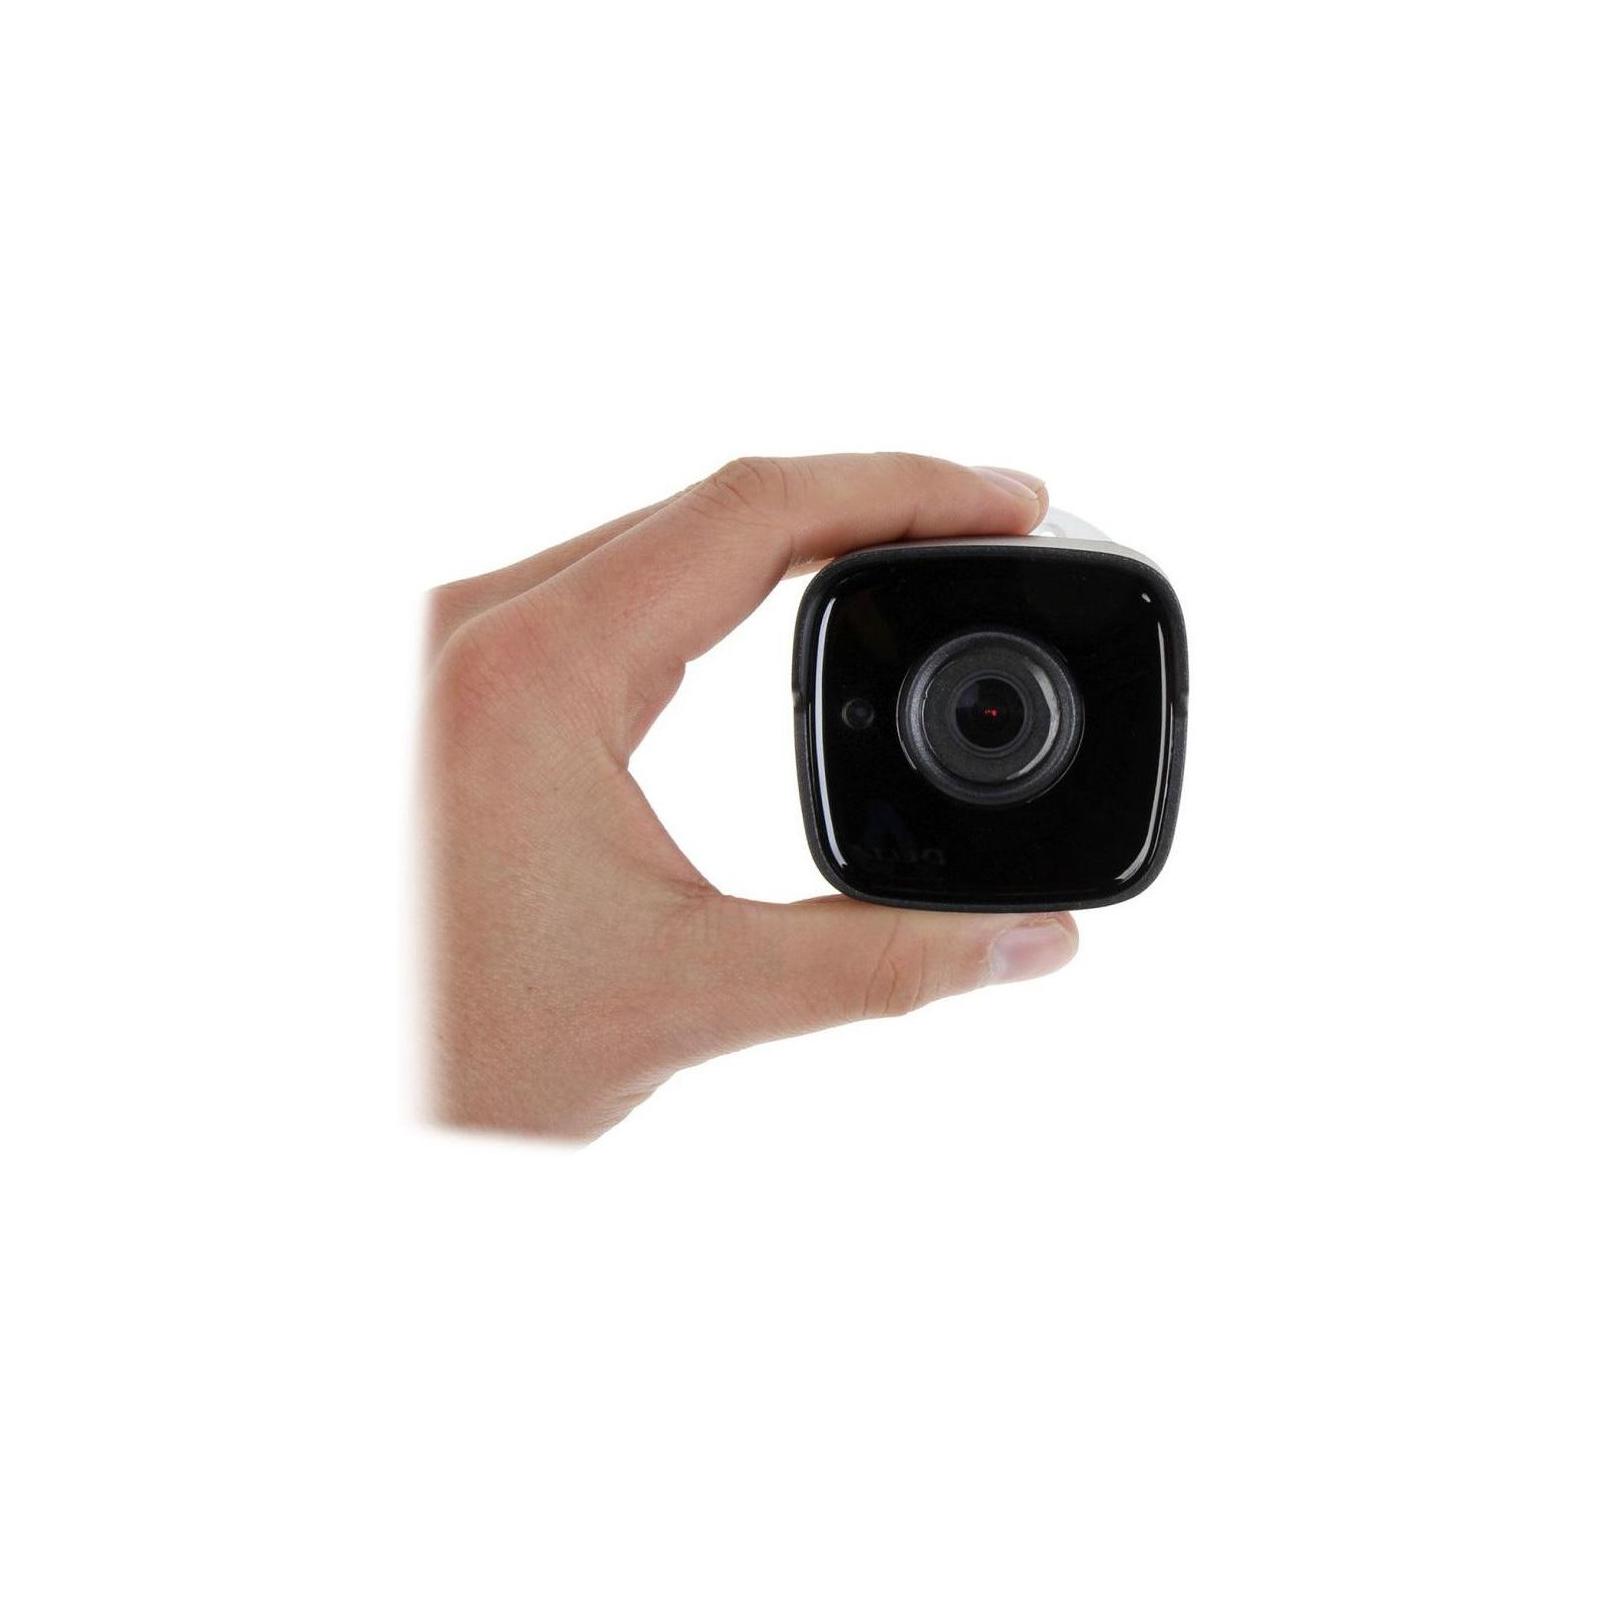 Камера видеонаблюдения HikVision DS-2CE16D8T-ITE (2.8) изображение 5